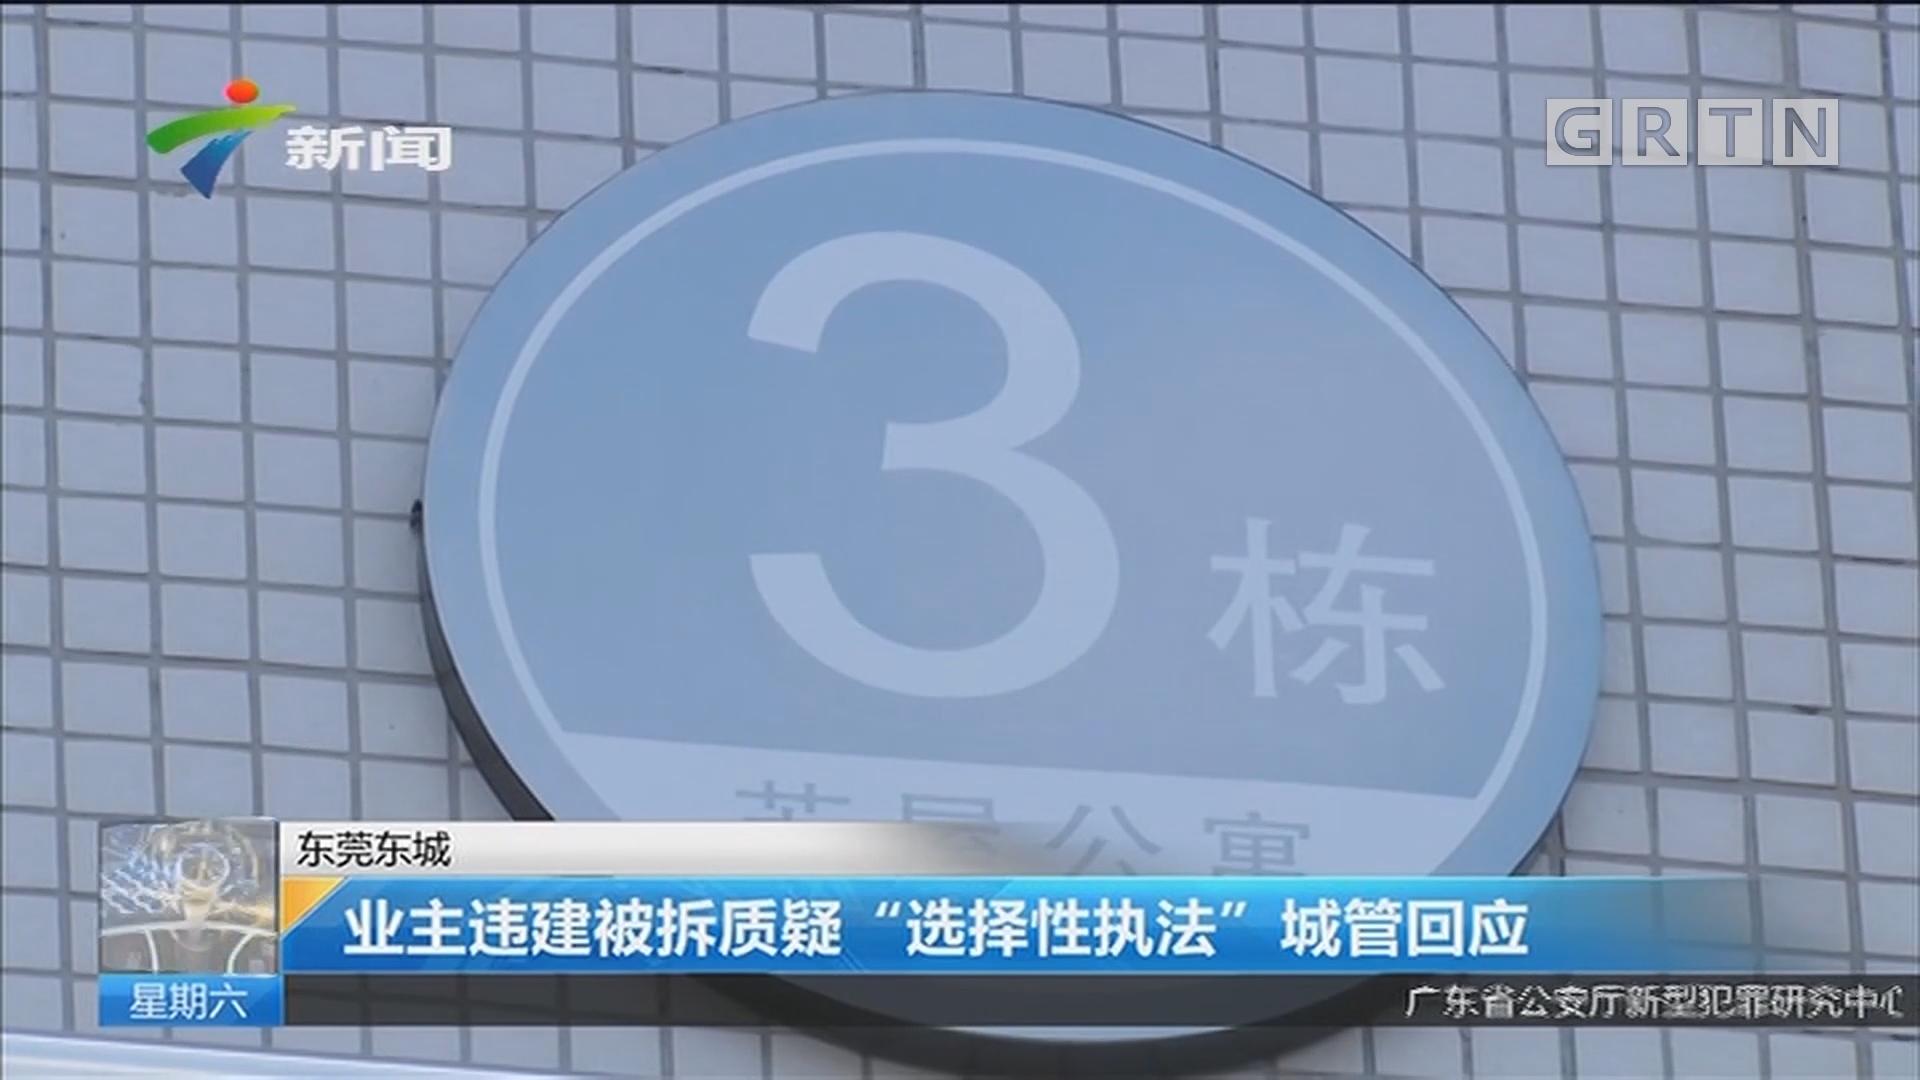 """东莞东城:业主违建被拆质疑""""选择性执法""""城管回应"""